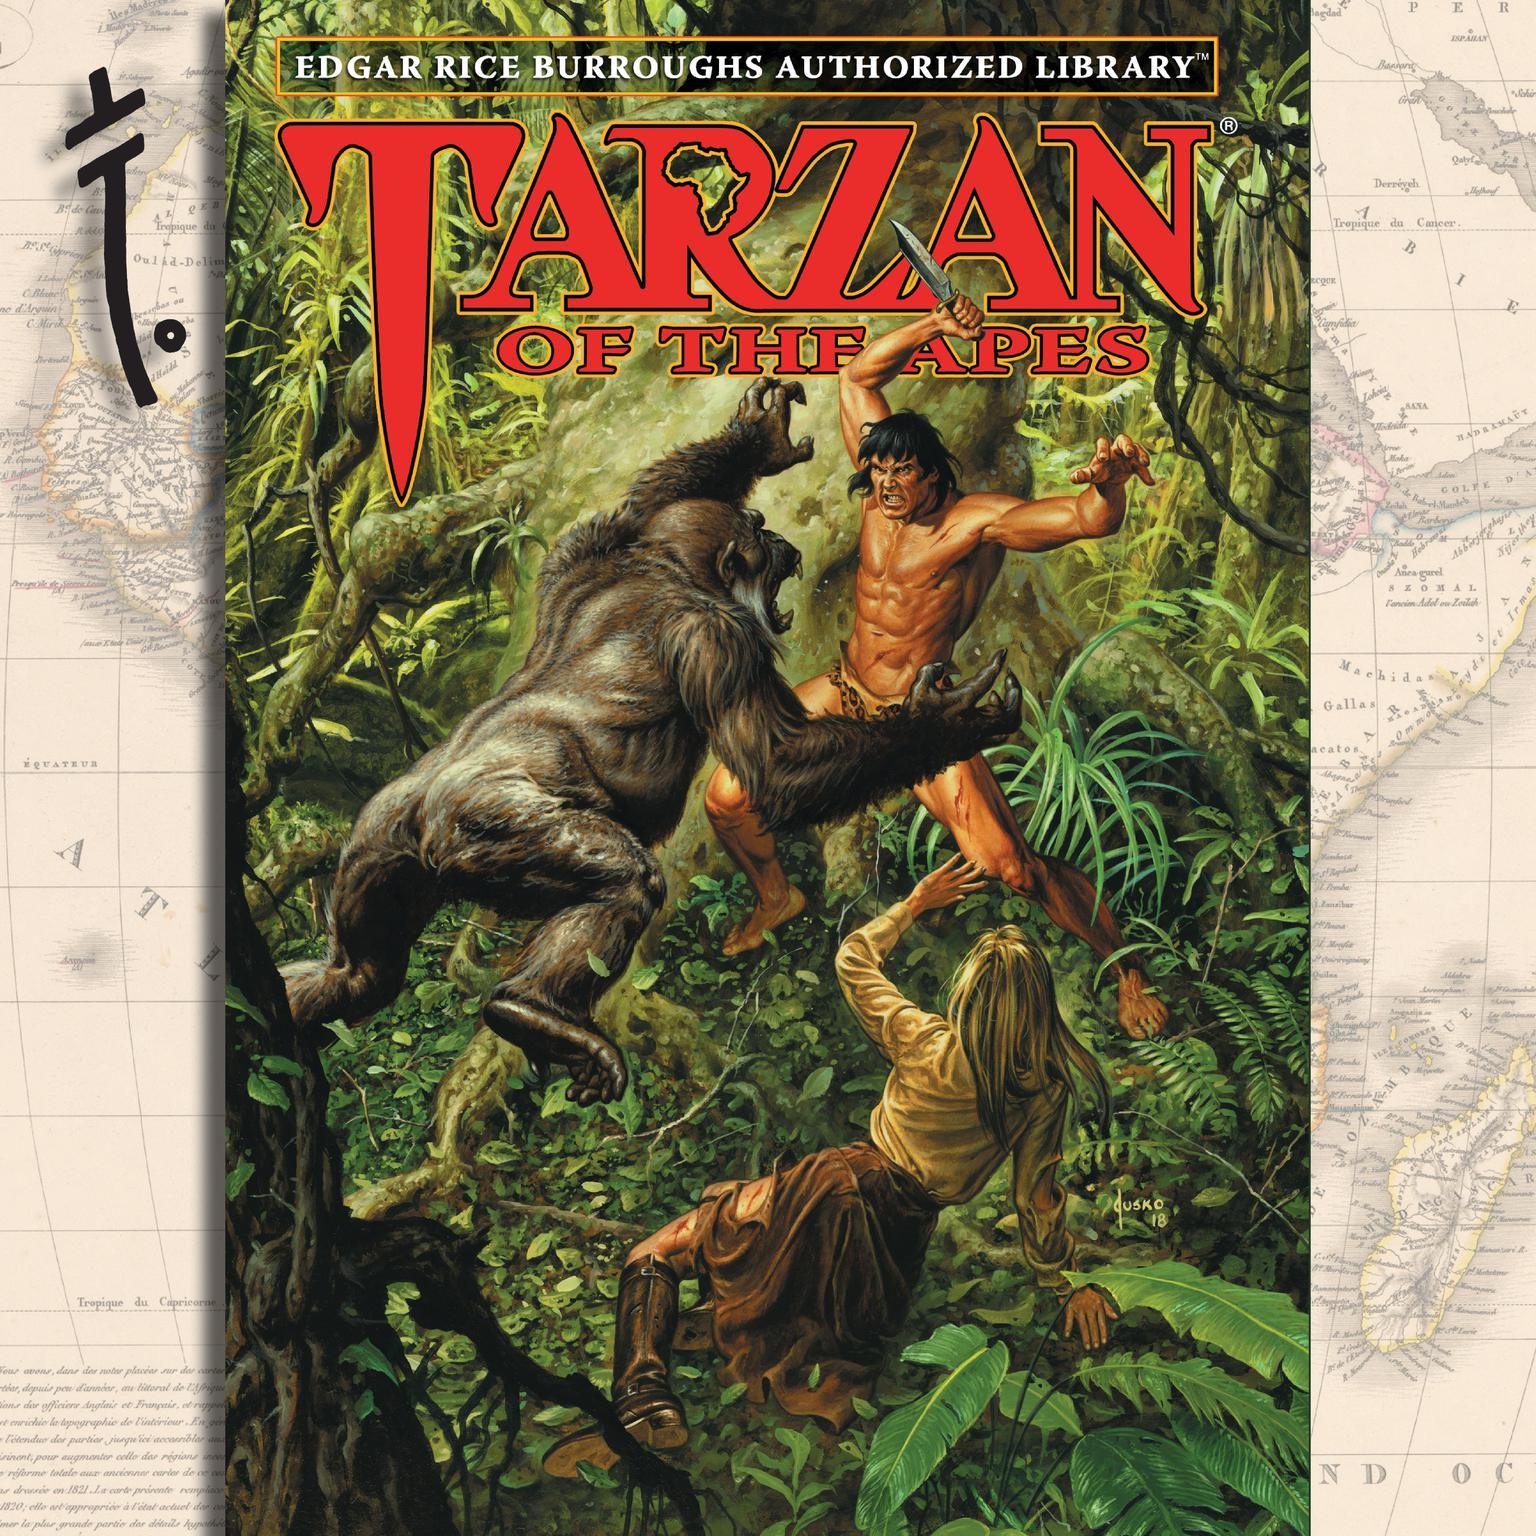 Tarzan of the Apes: Edgar Rice Burroughs Authorized Library Audiobook, by Edgar Rice Burroughs